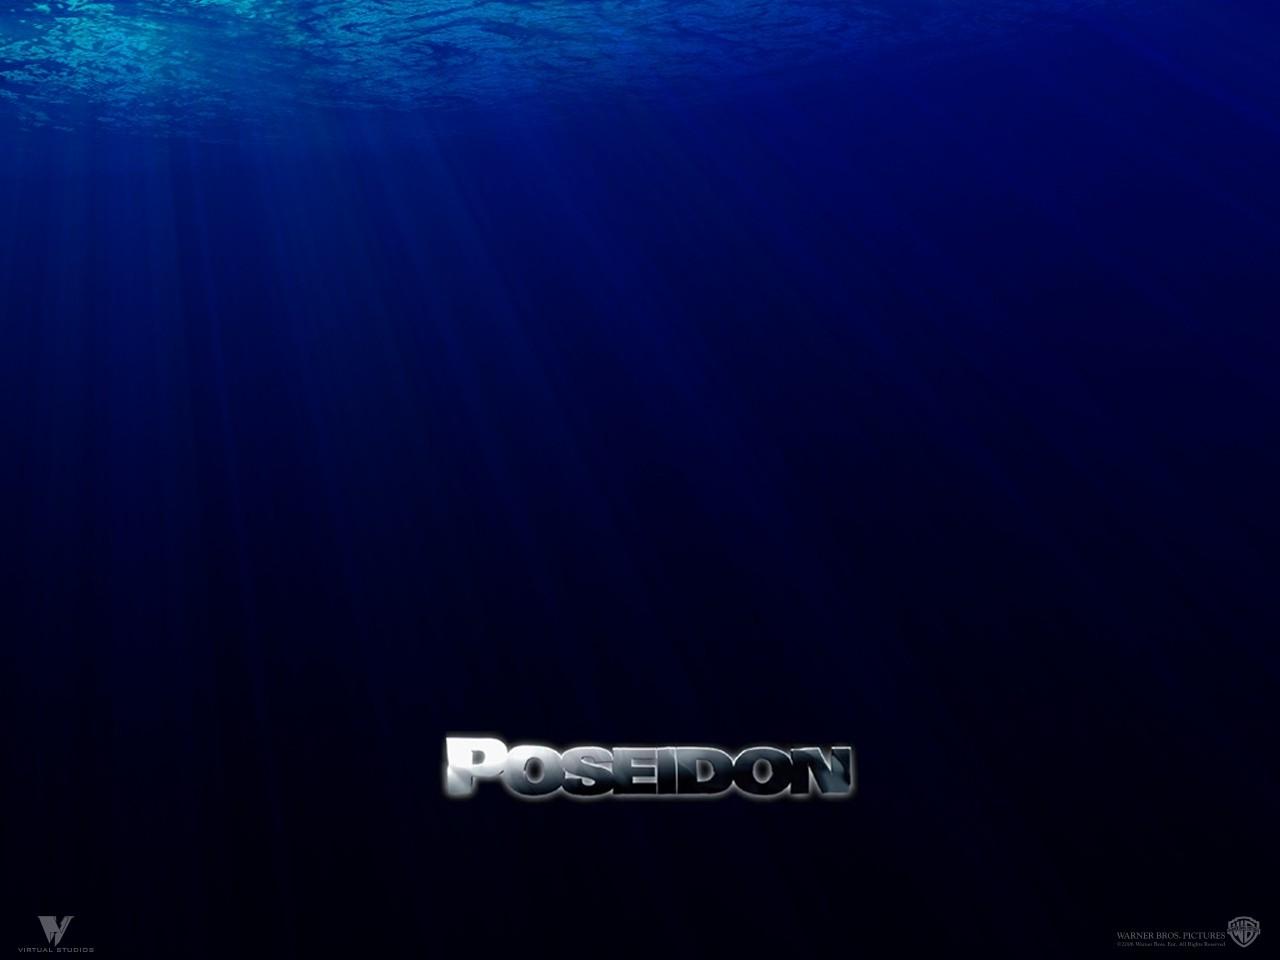 Wallpaper dell'avventuroso disaster movie Poseidon